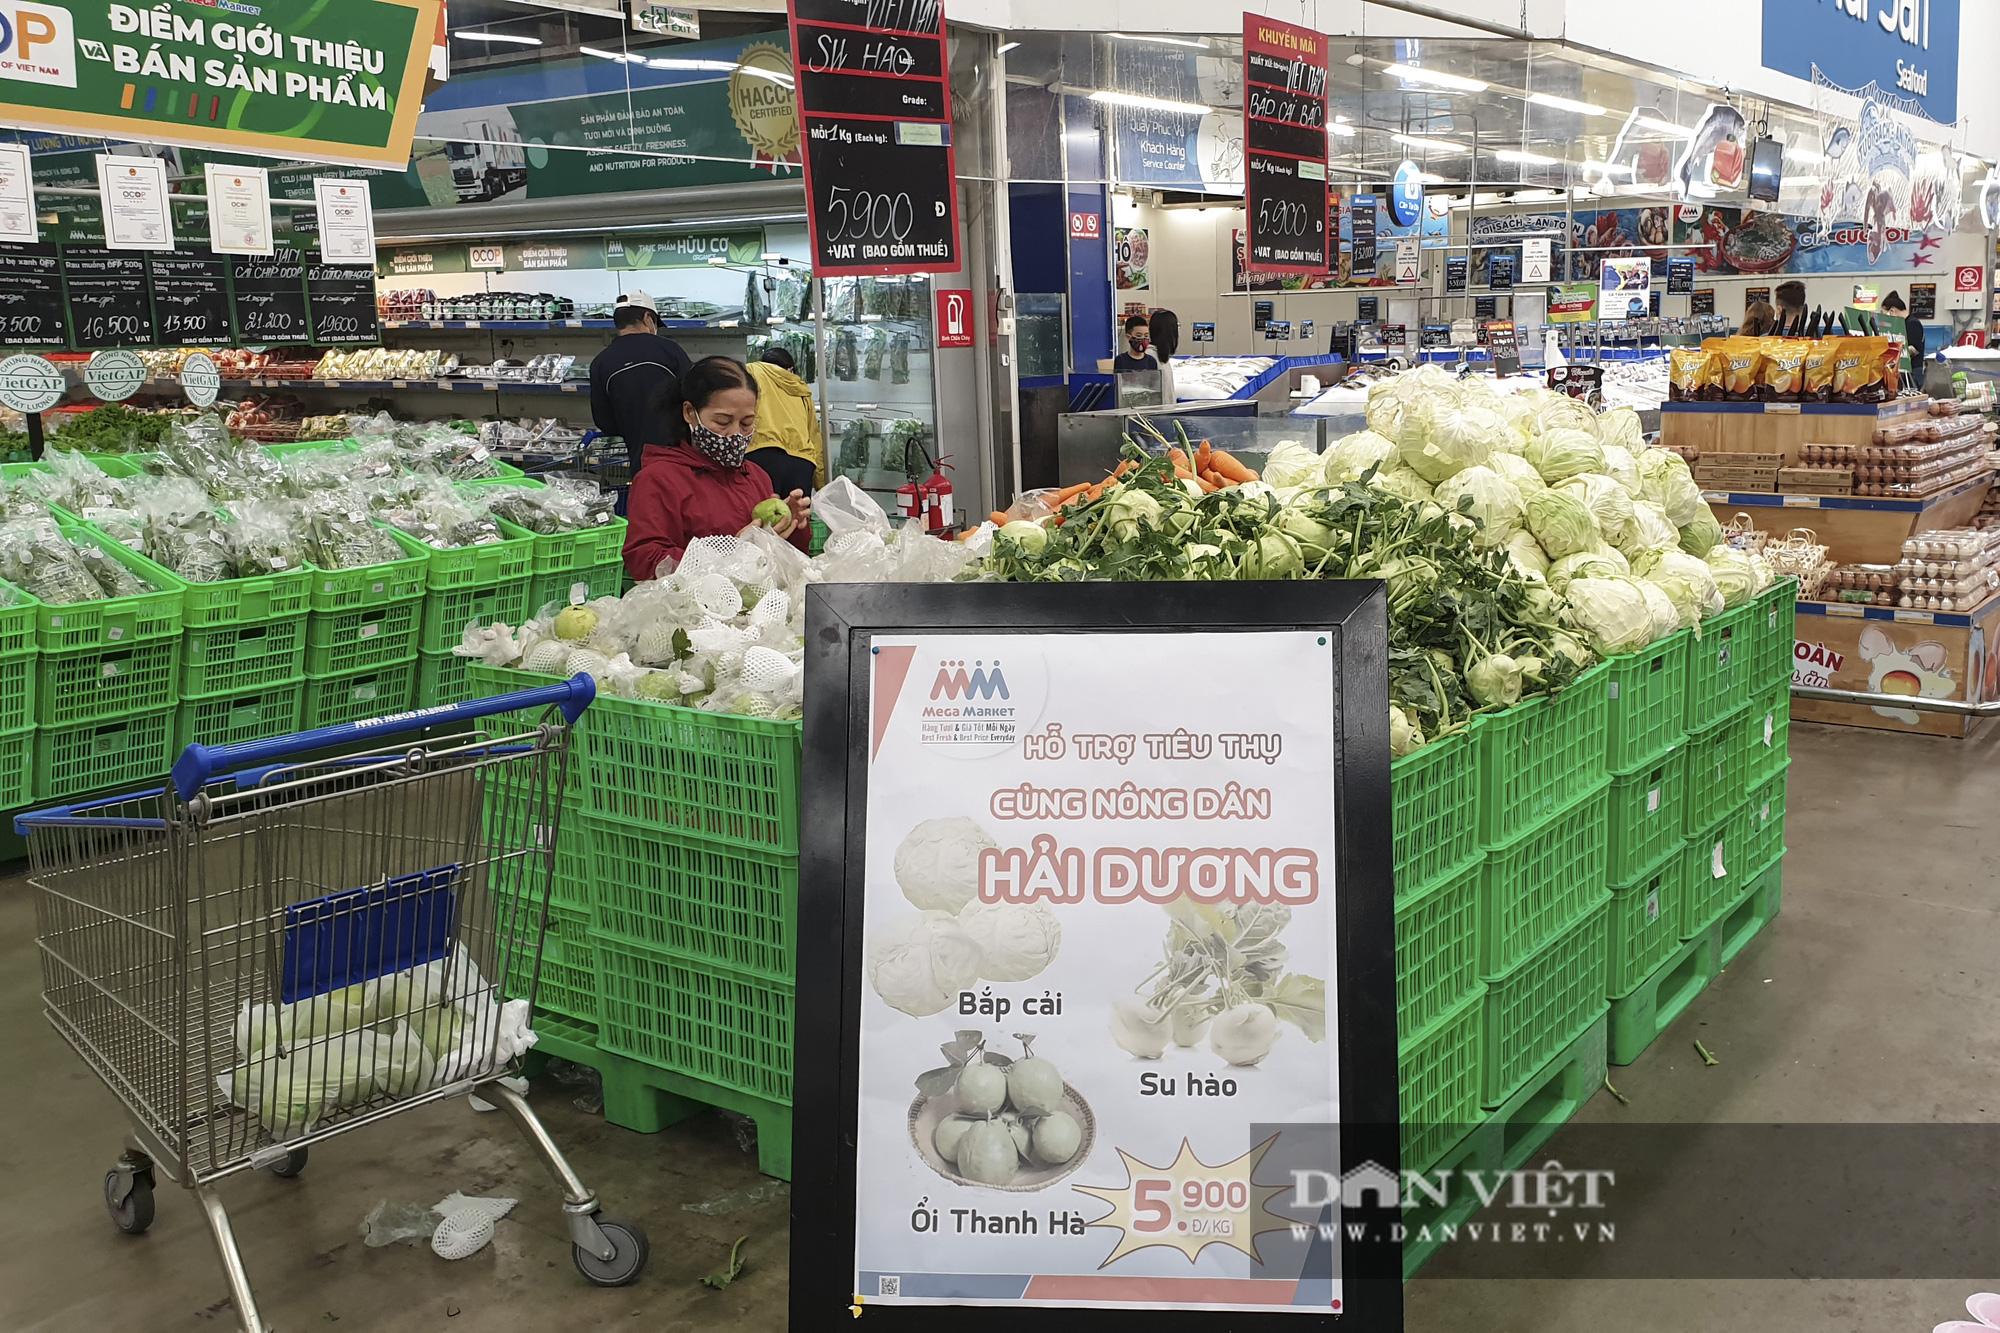 Nhiều hệ thống siêu thị Hà Nội bắt đầu bán nông sản Hải Dương - Ảnh 1.